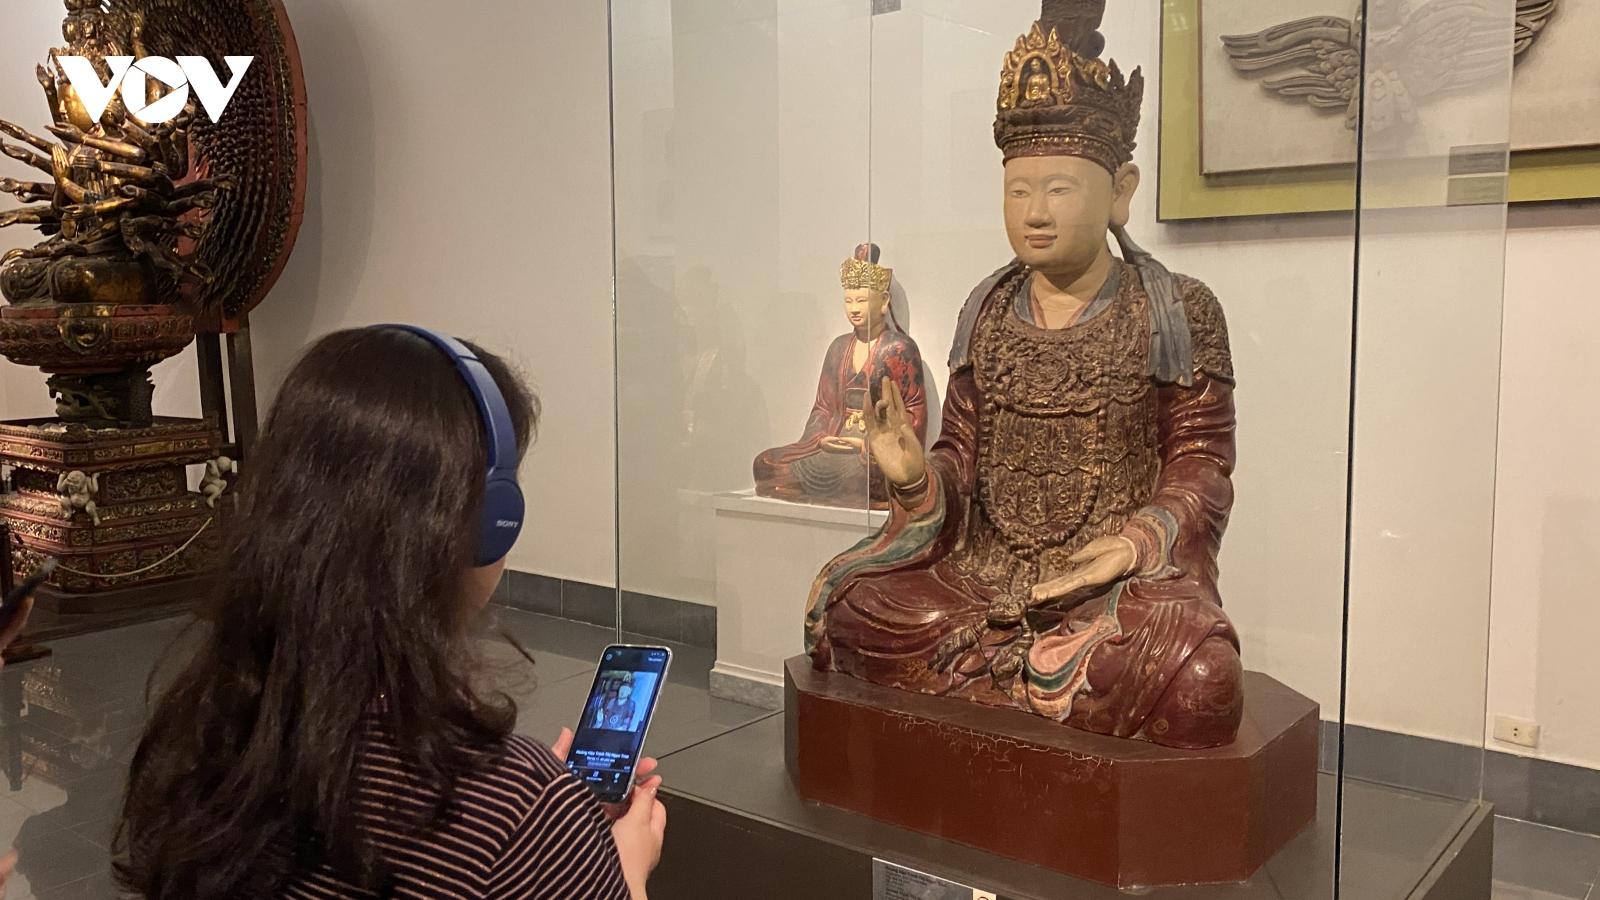 Khám phá 100 tác phẩm mỹ thuật Việt Nam qua ứng dụng bảo tàng số